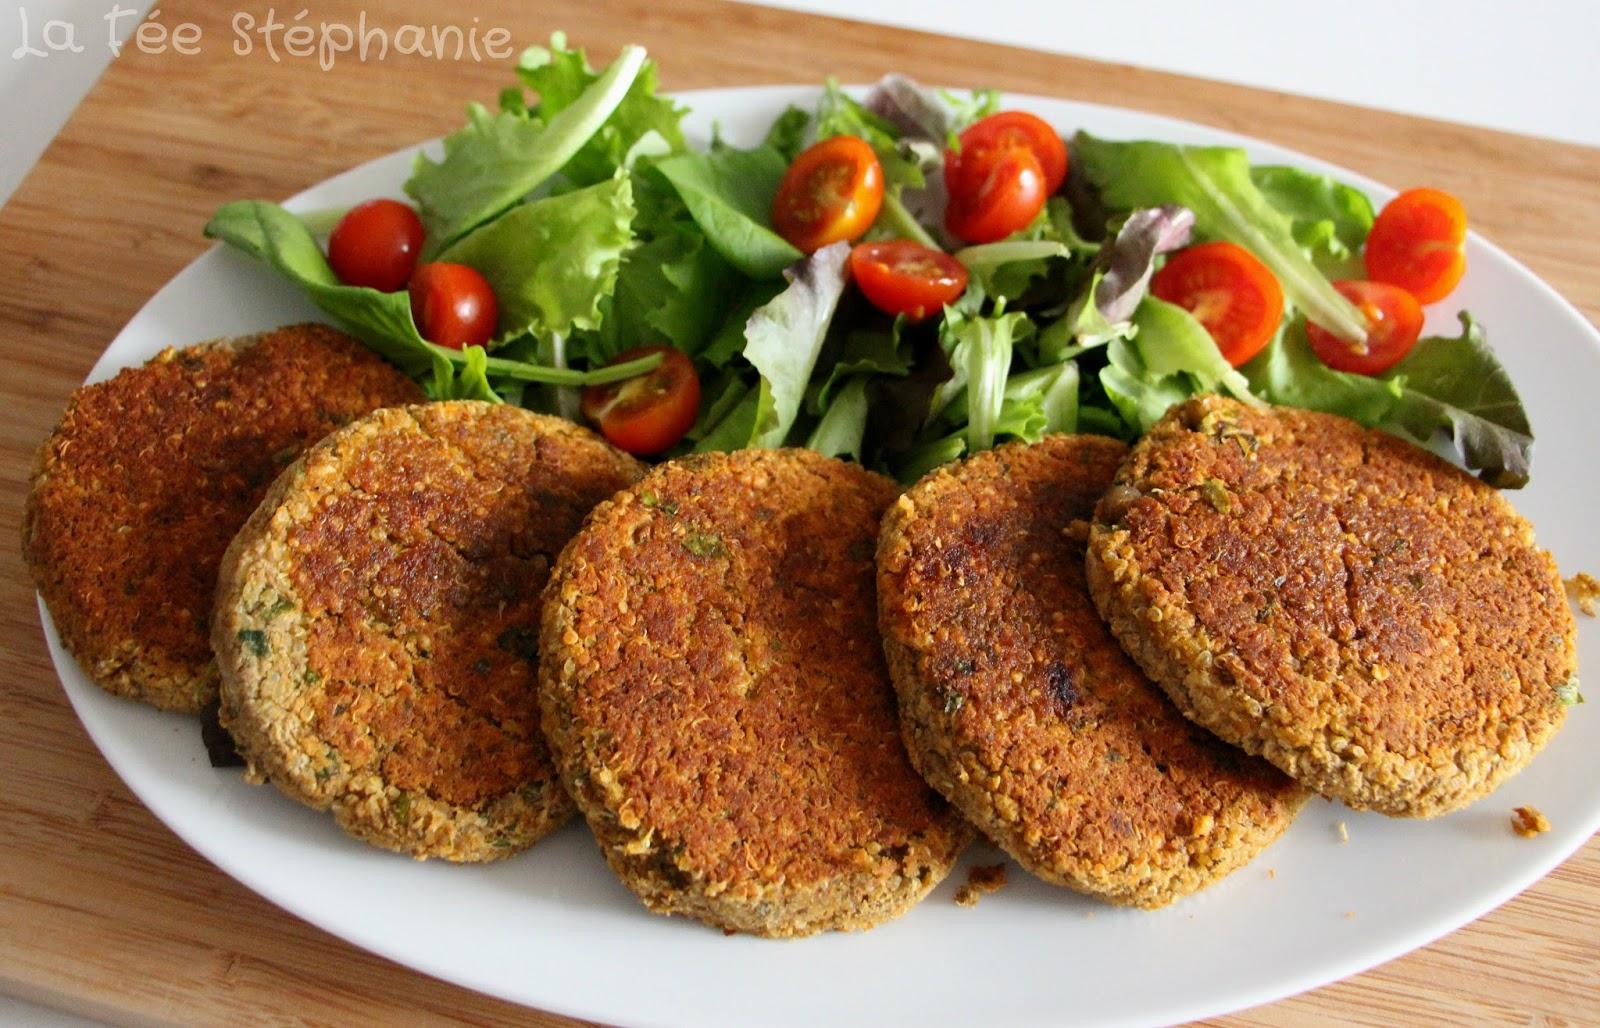 Comment r aliser des burgers vegan parfaits conseils astuces et la recette inratable des - Recette vegan simple et rapide ...